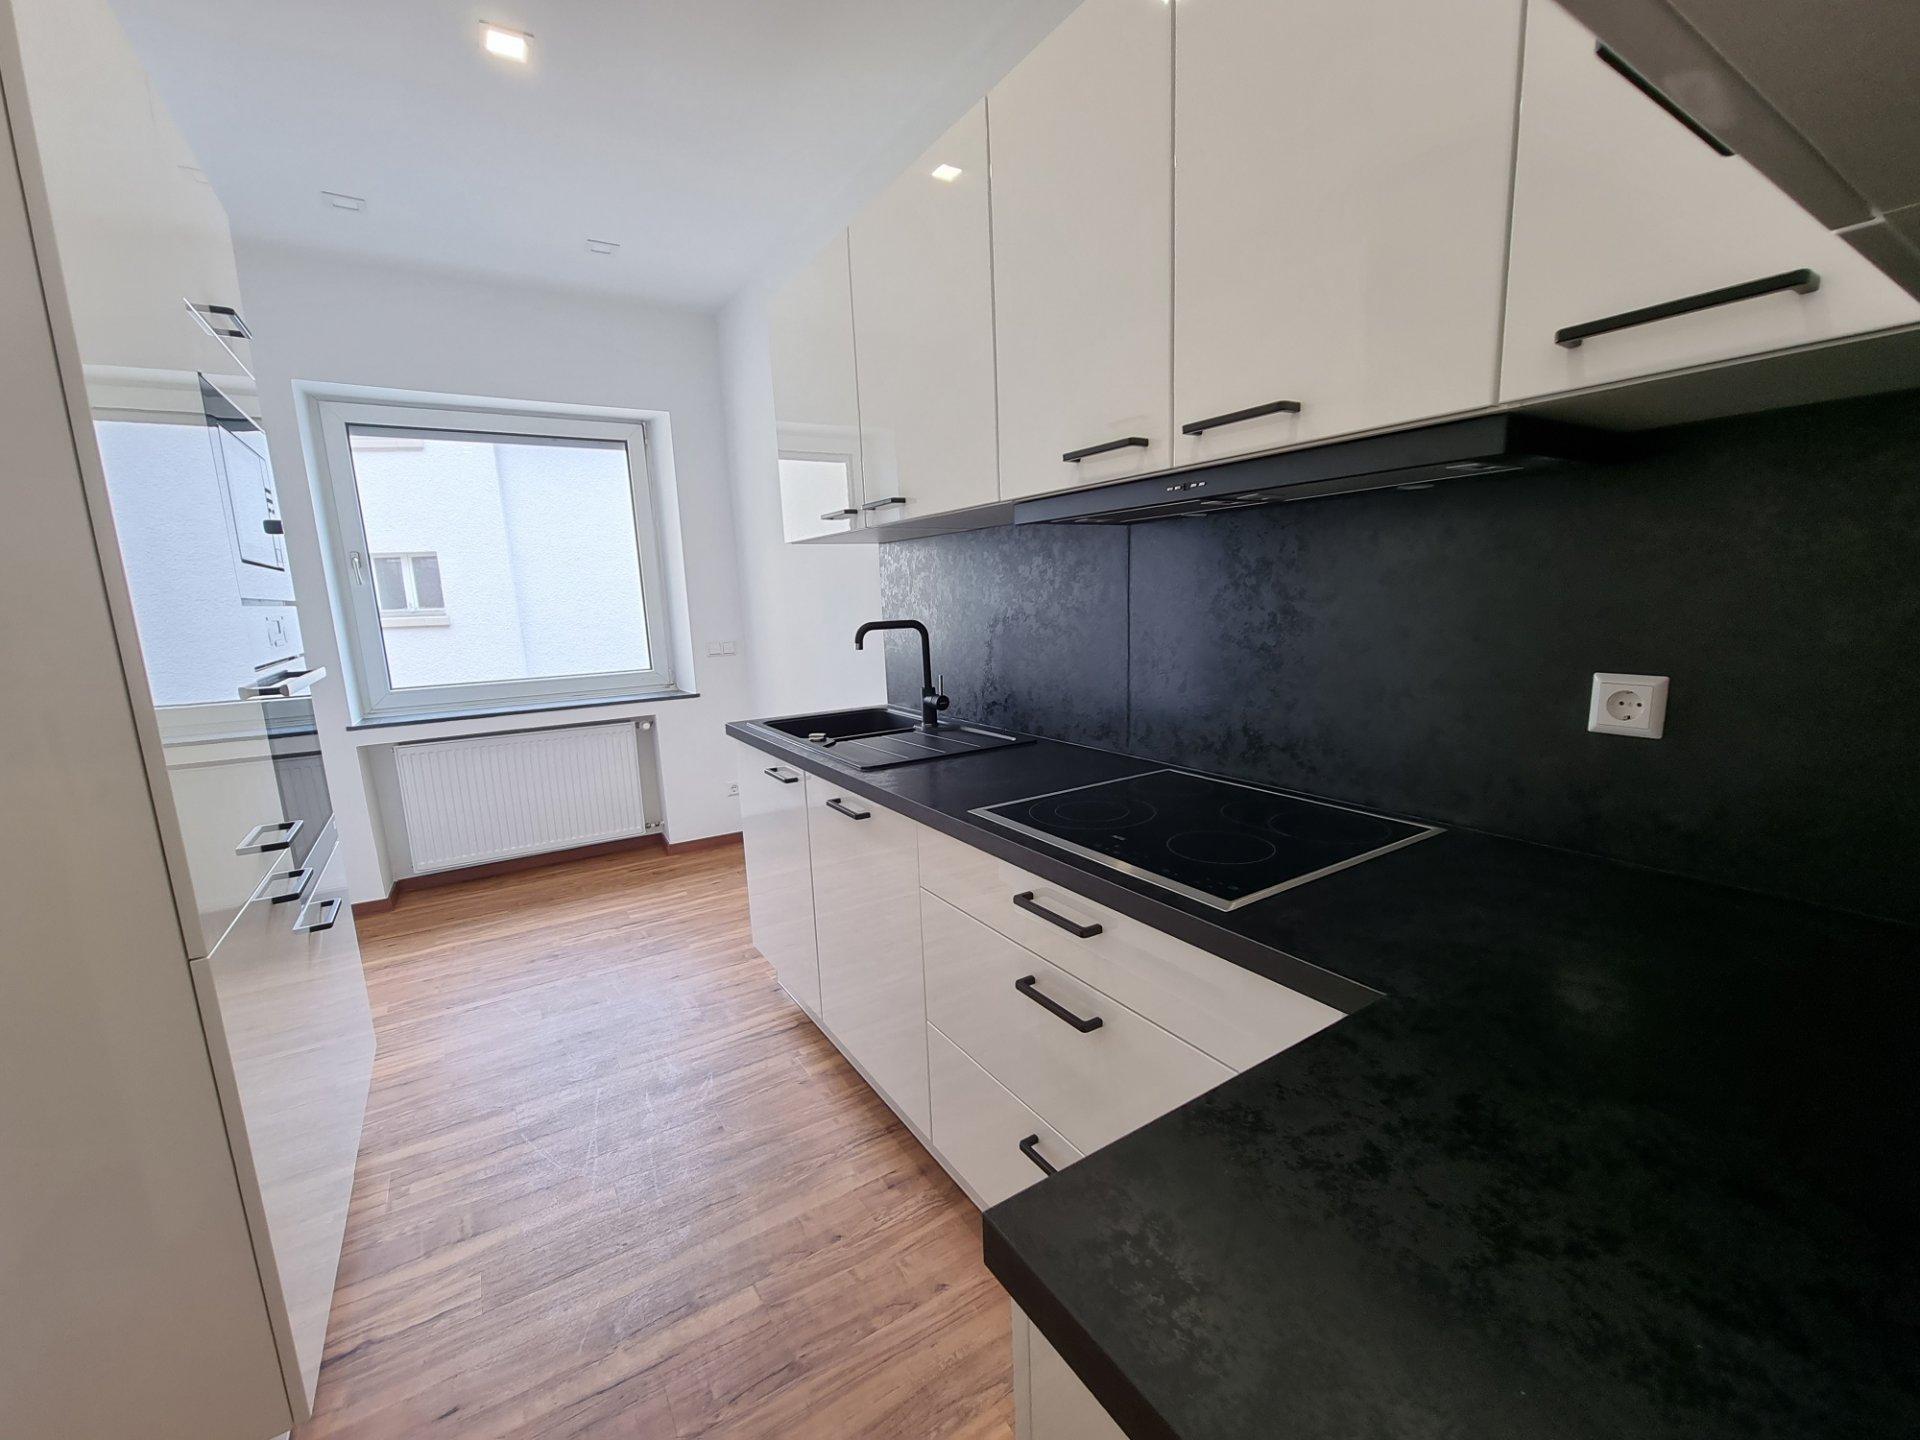 Verkauf Wohnung - Luxembourg Belair - Luxemburg